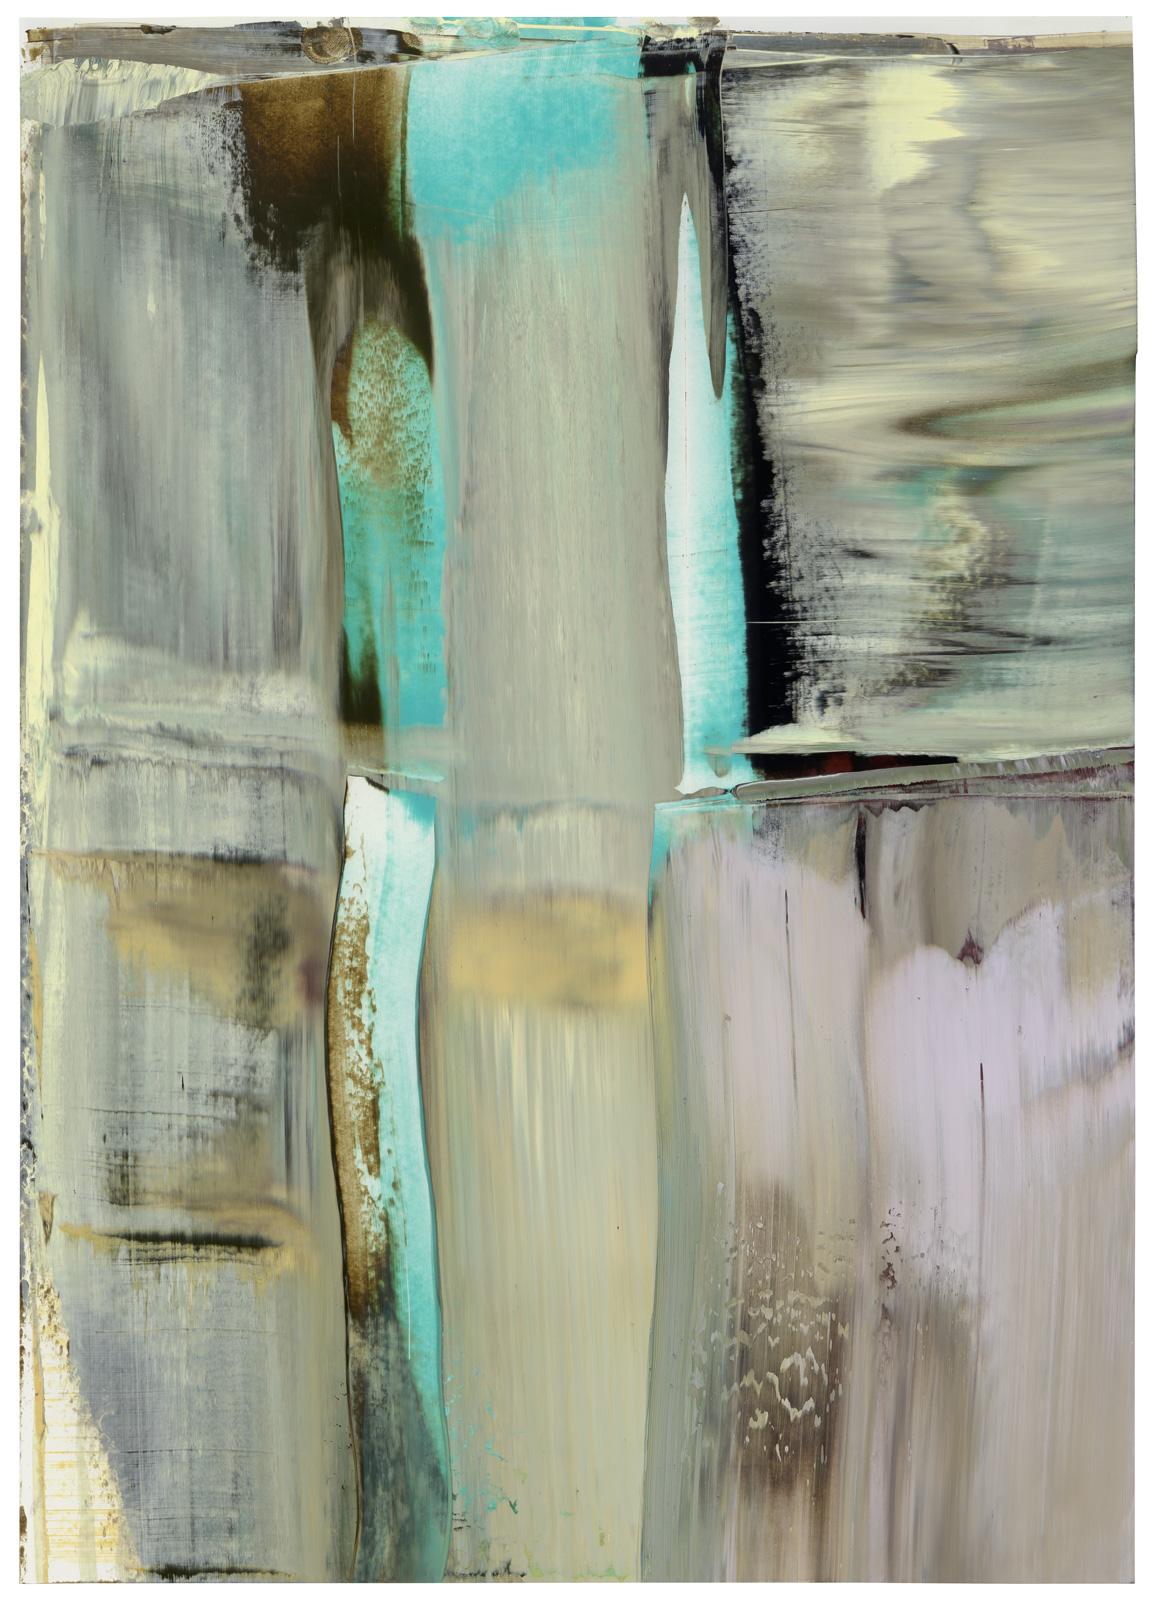 1 - 18, Öl auf Papier, 51x36cm, 2018